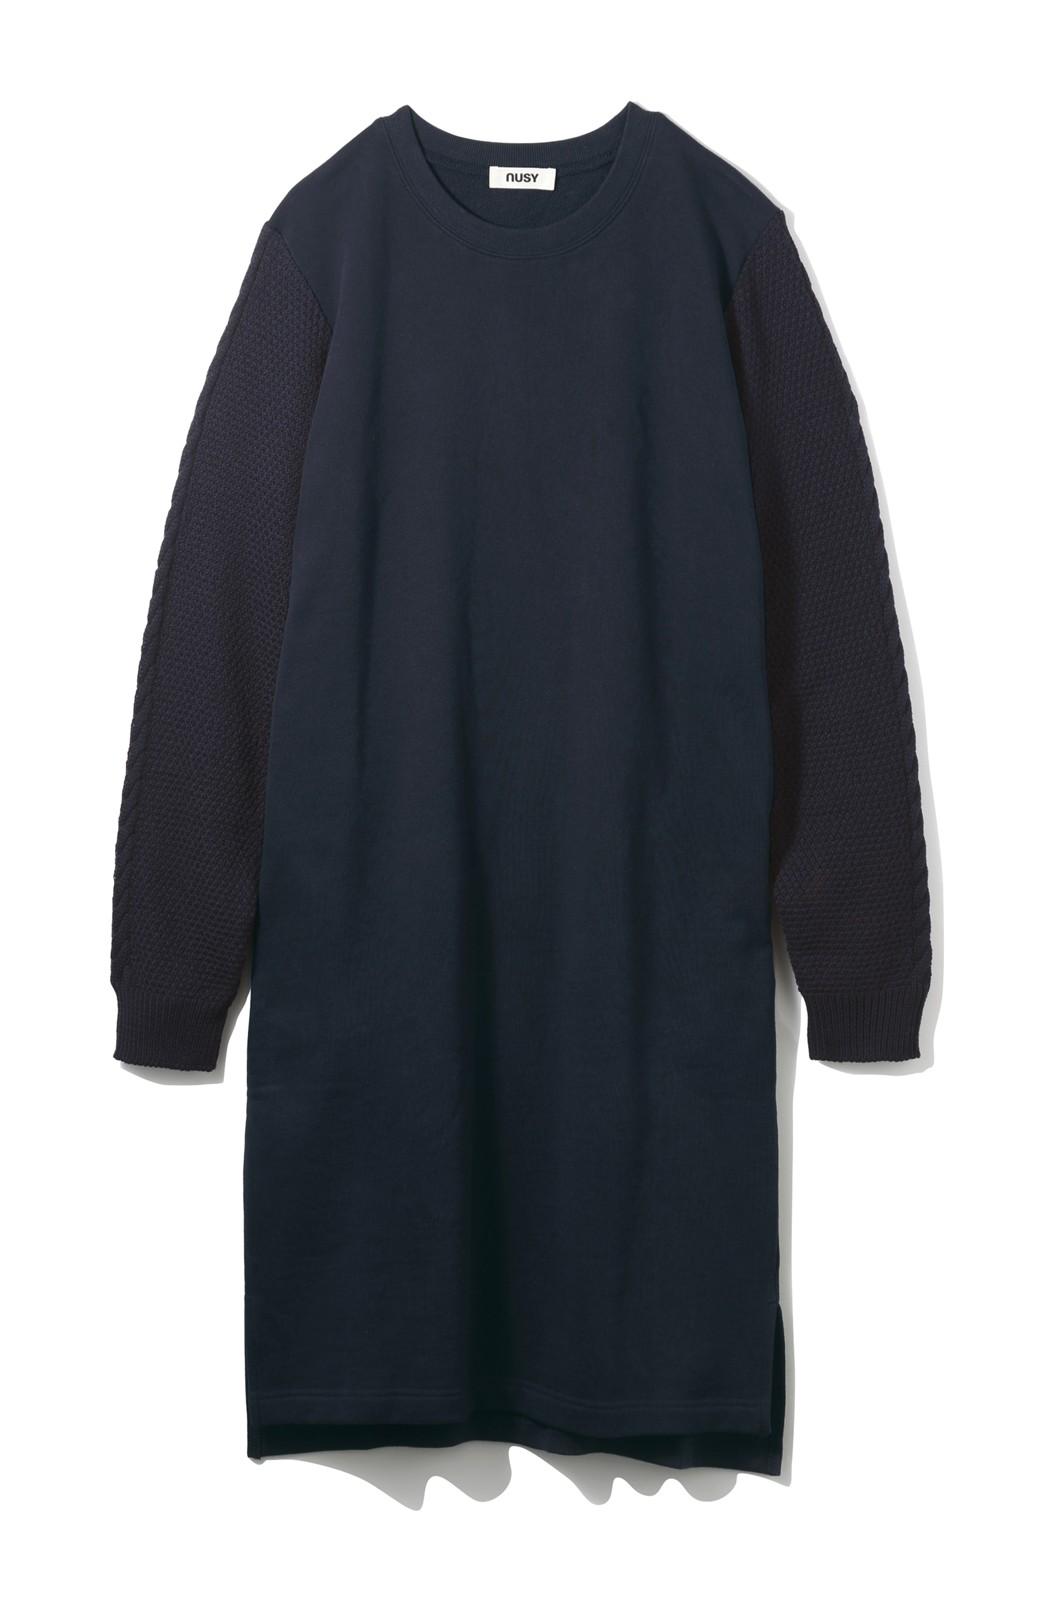 nusy ケーブルニット袖のスウェットワンピース <ネイビー>の商品写真2